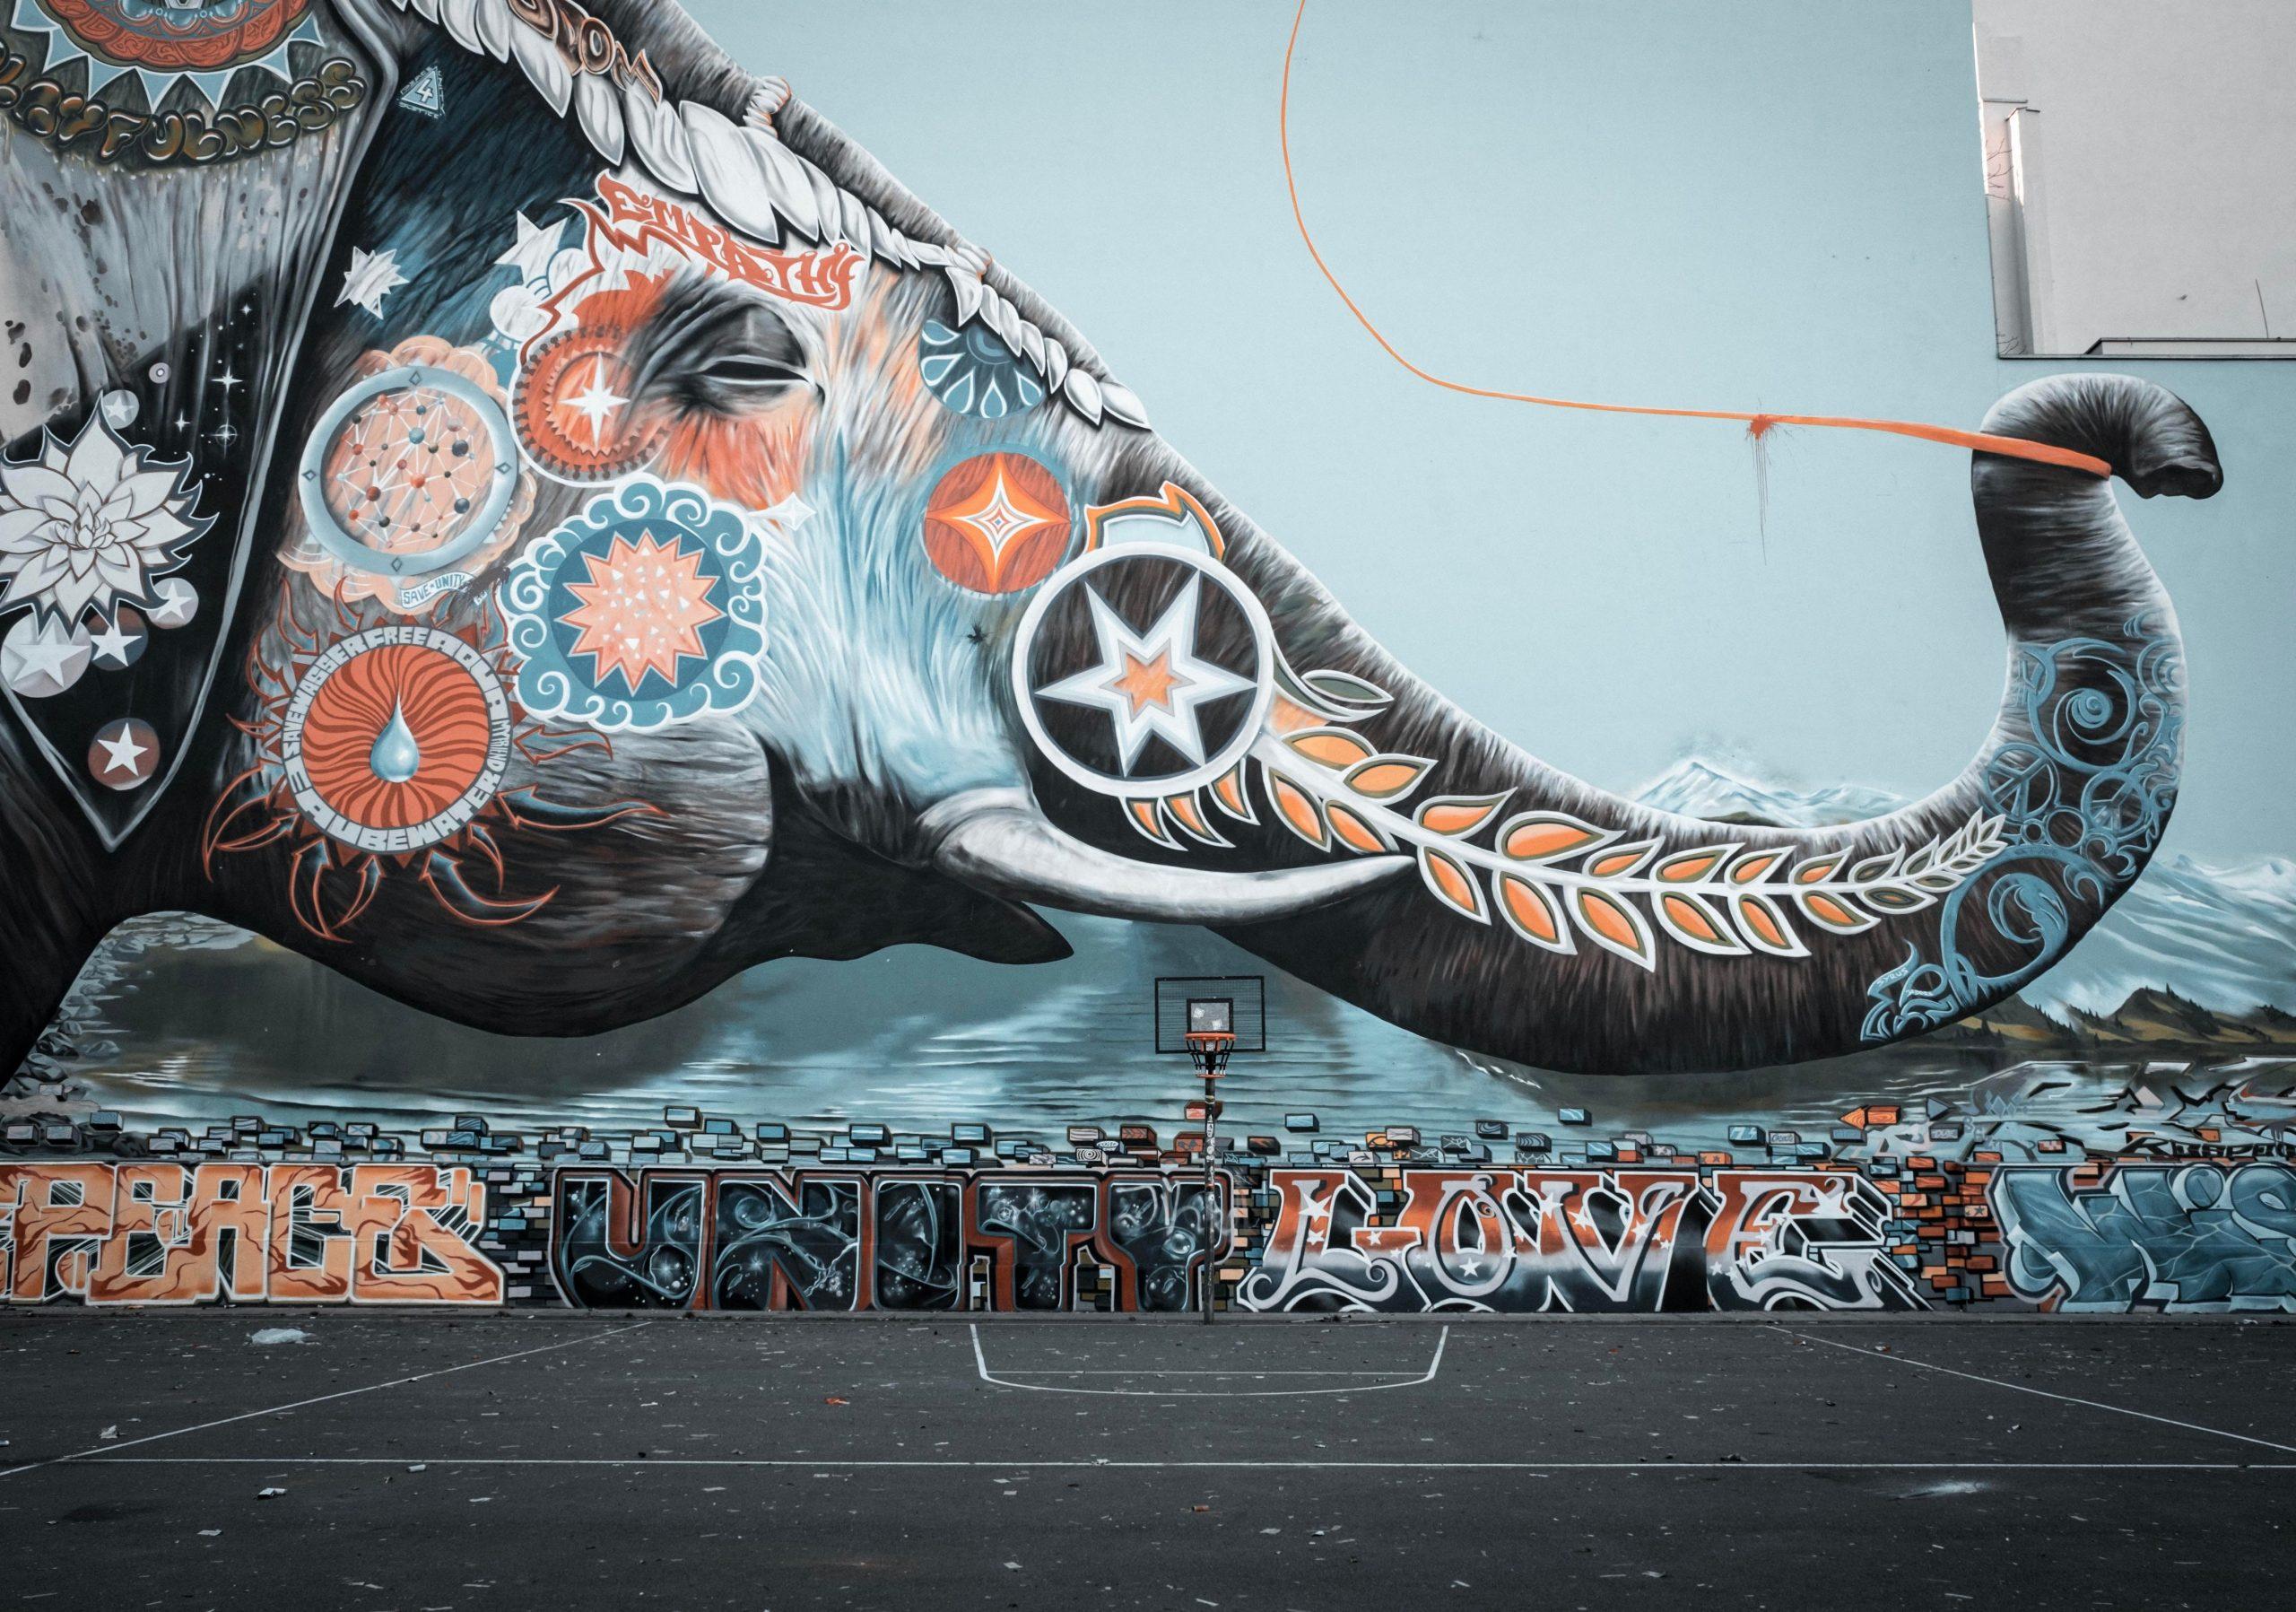 Musea gesloten? Geniet van kunst op straat!